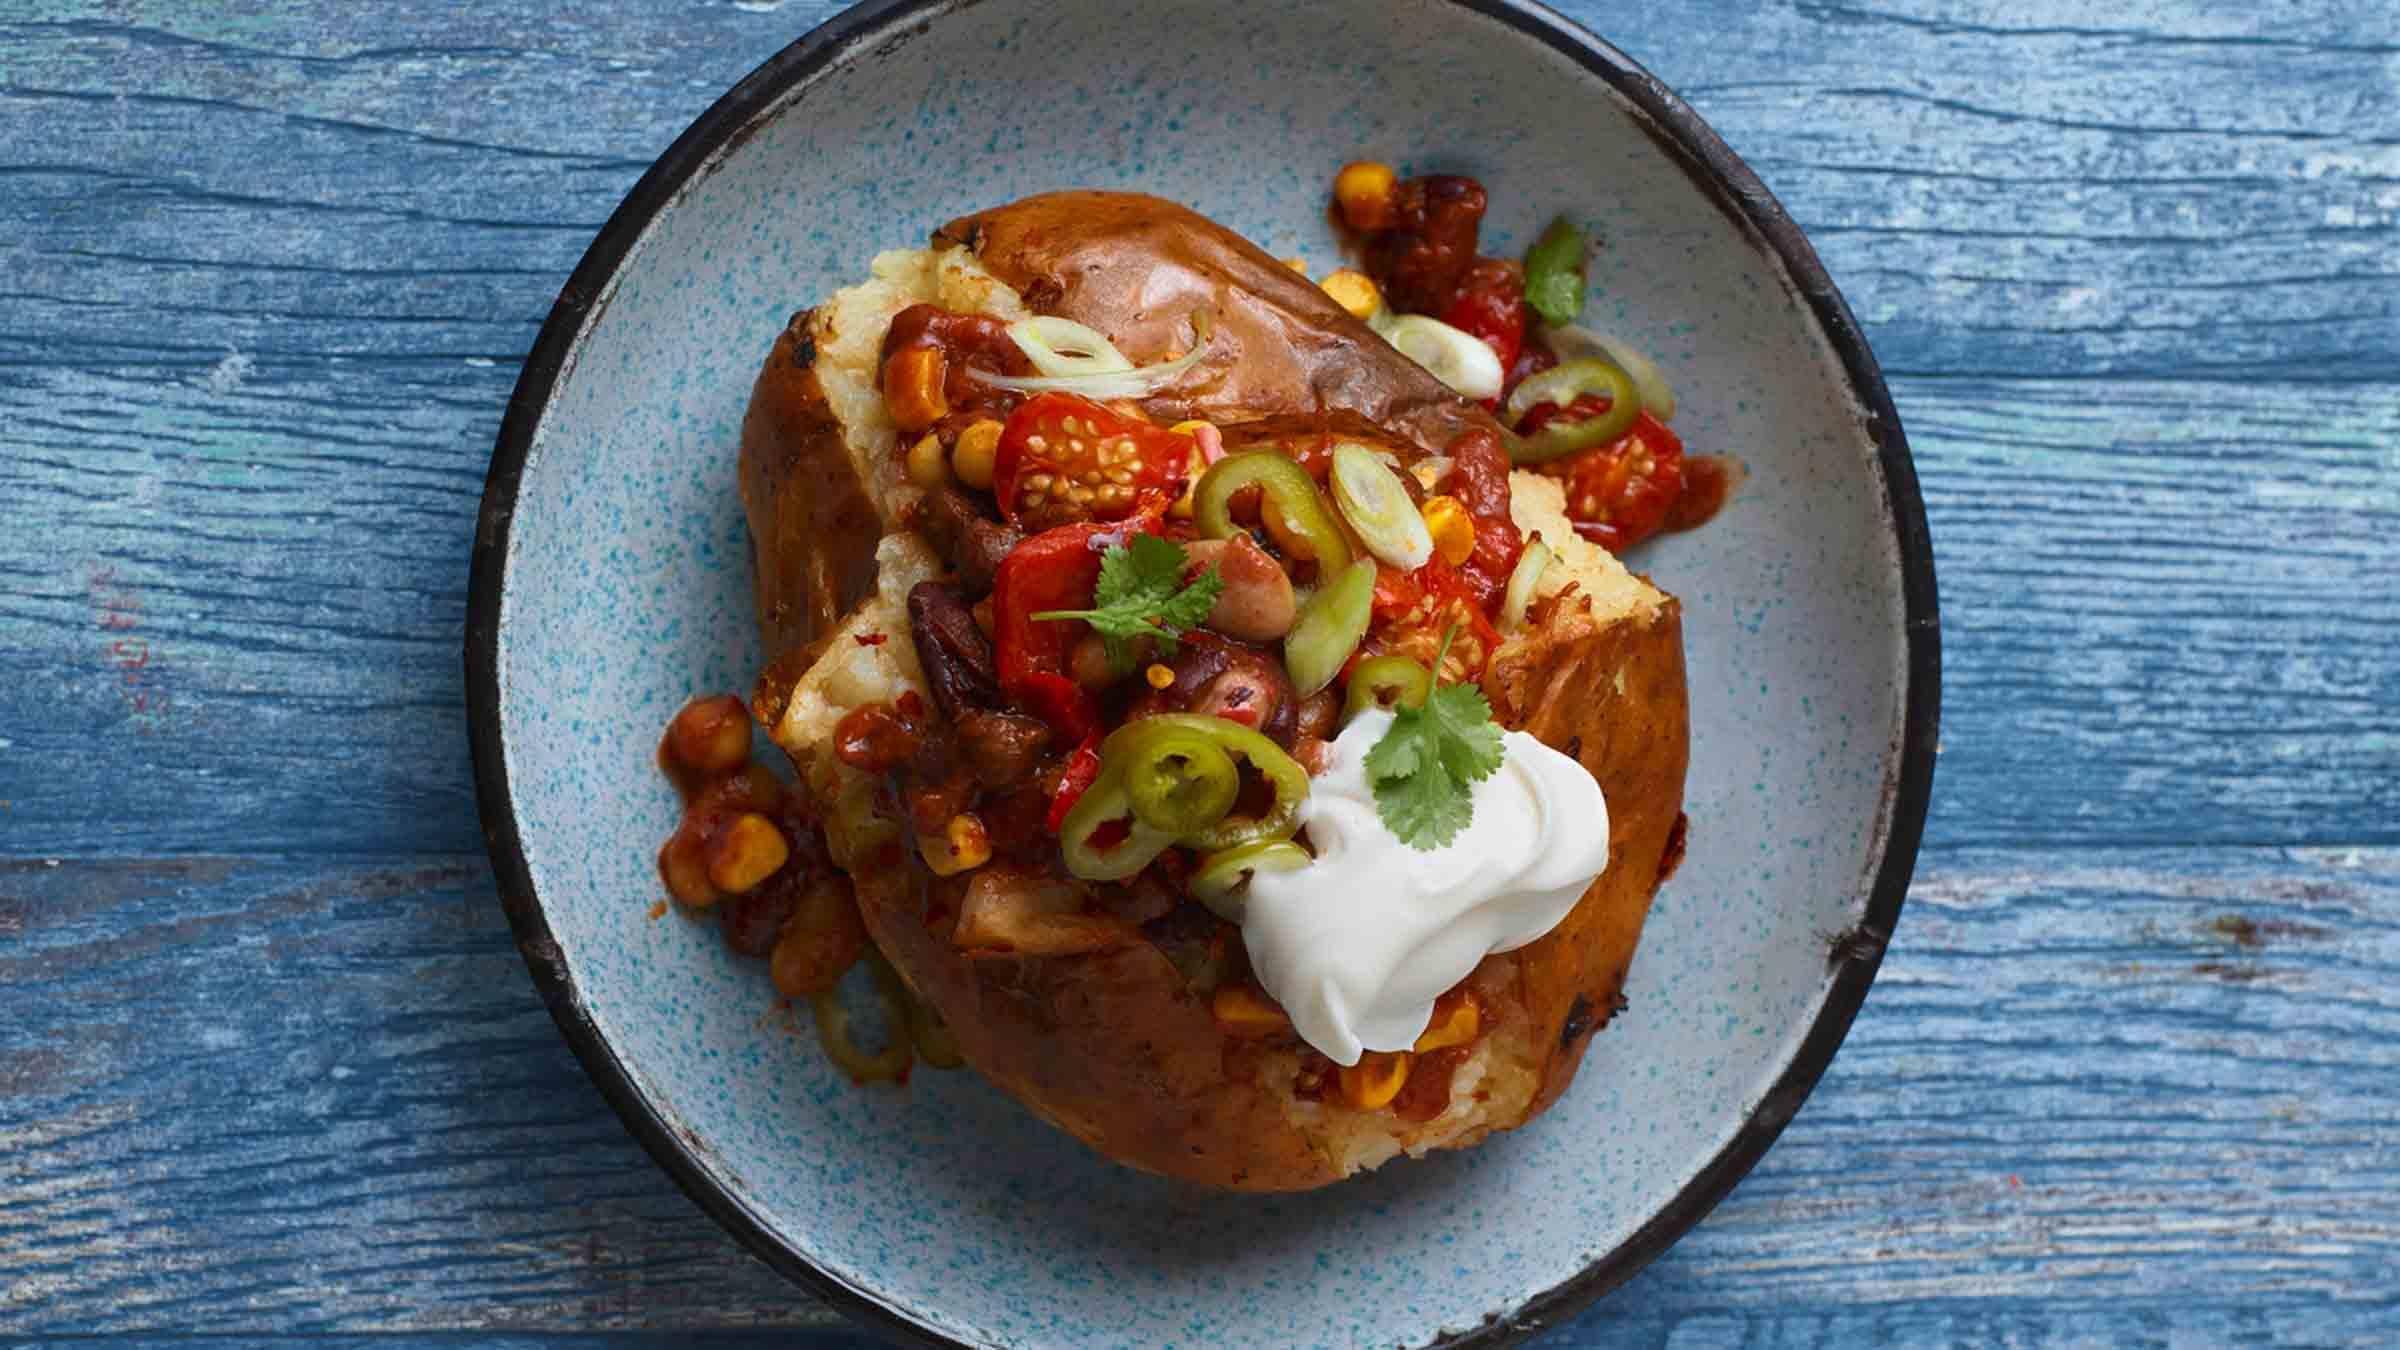 Vegan Chili Stuffed Baked Potatoes